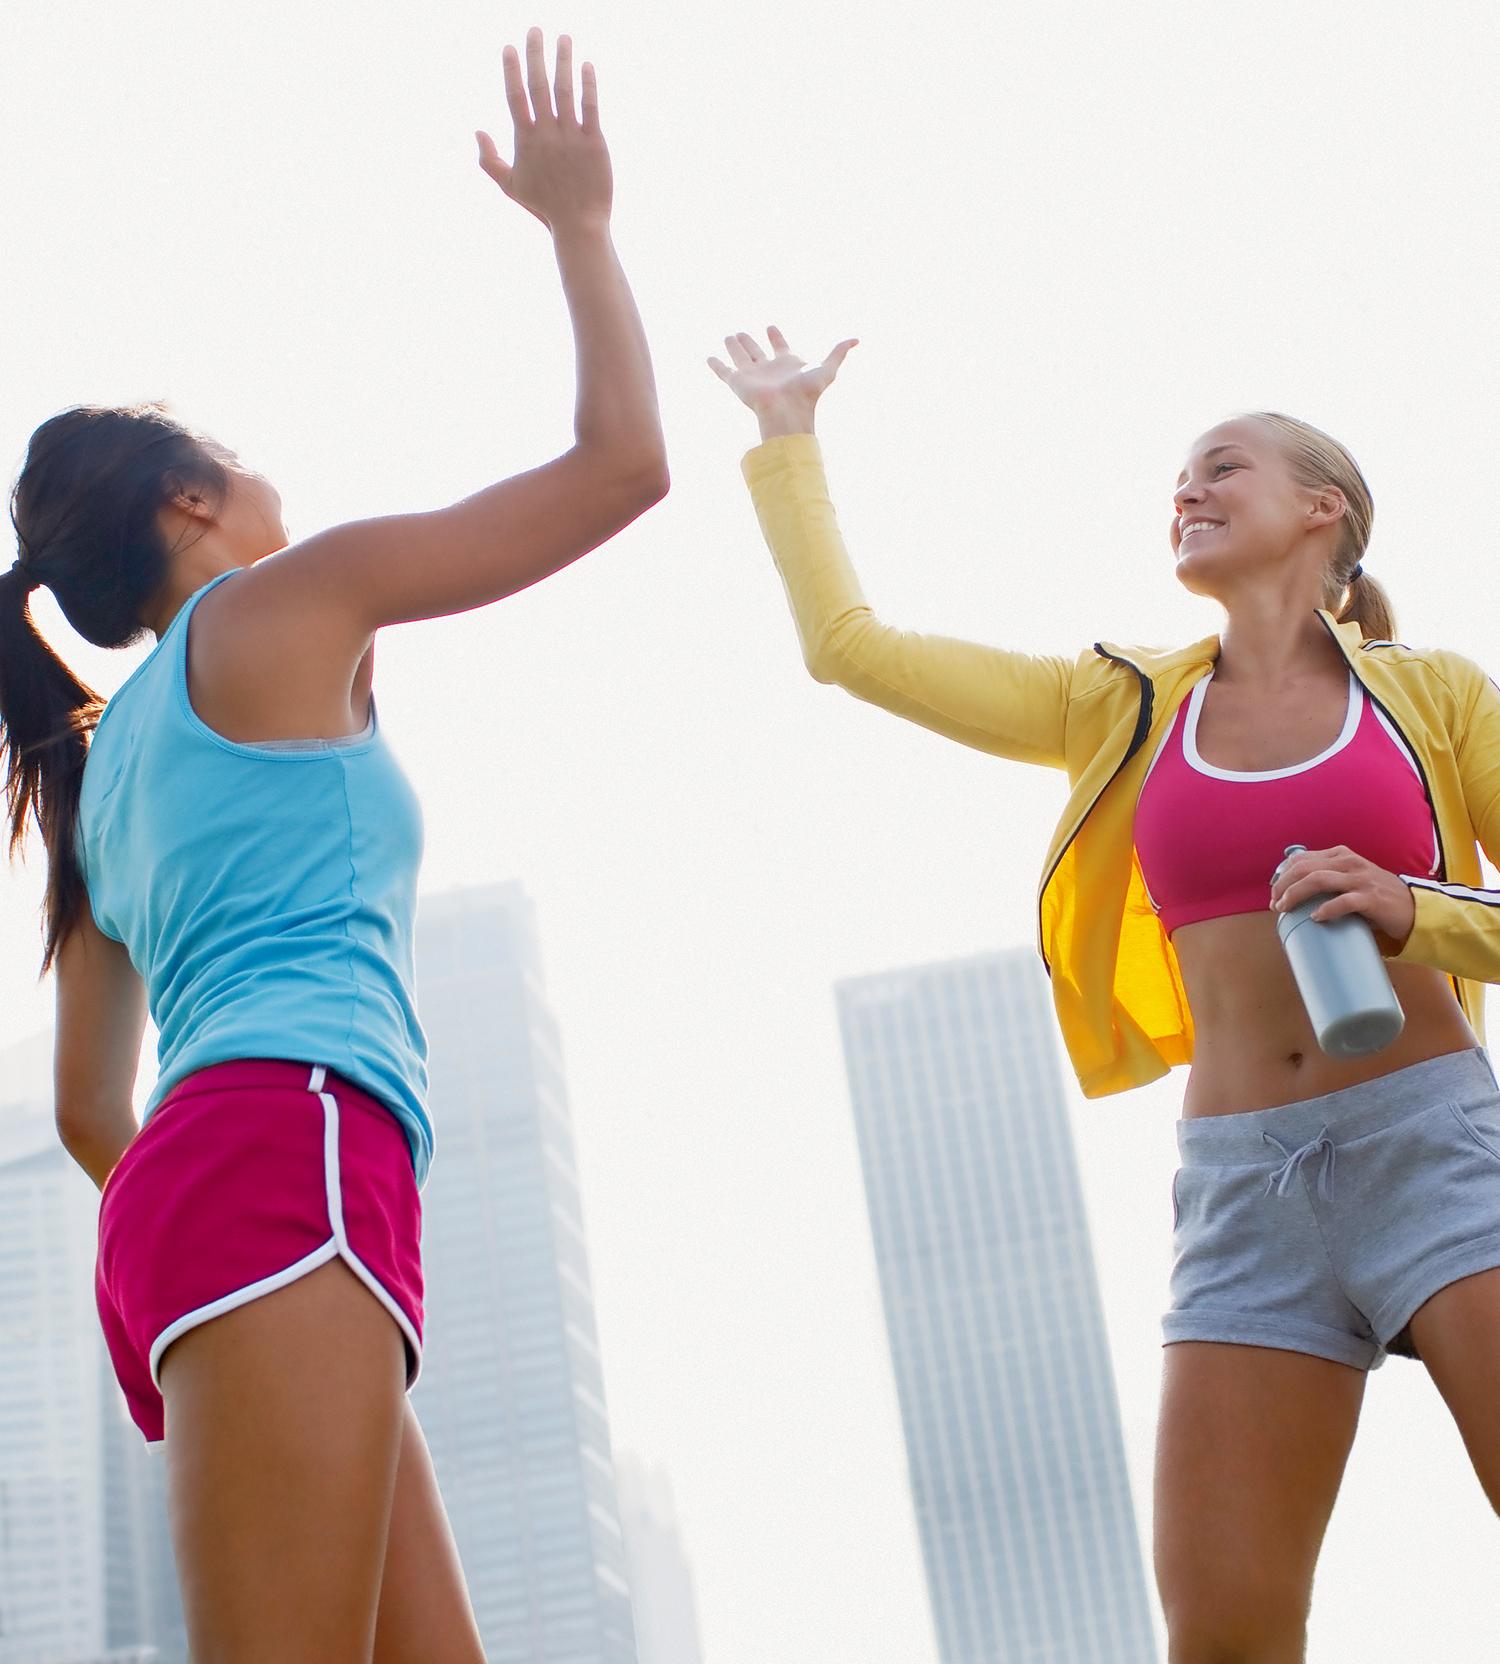 hvor meget taber man sig ved at løbe